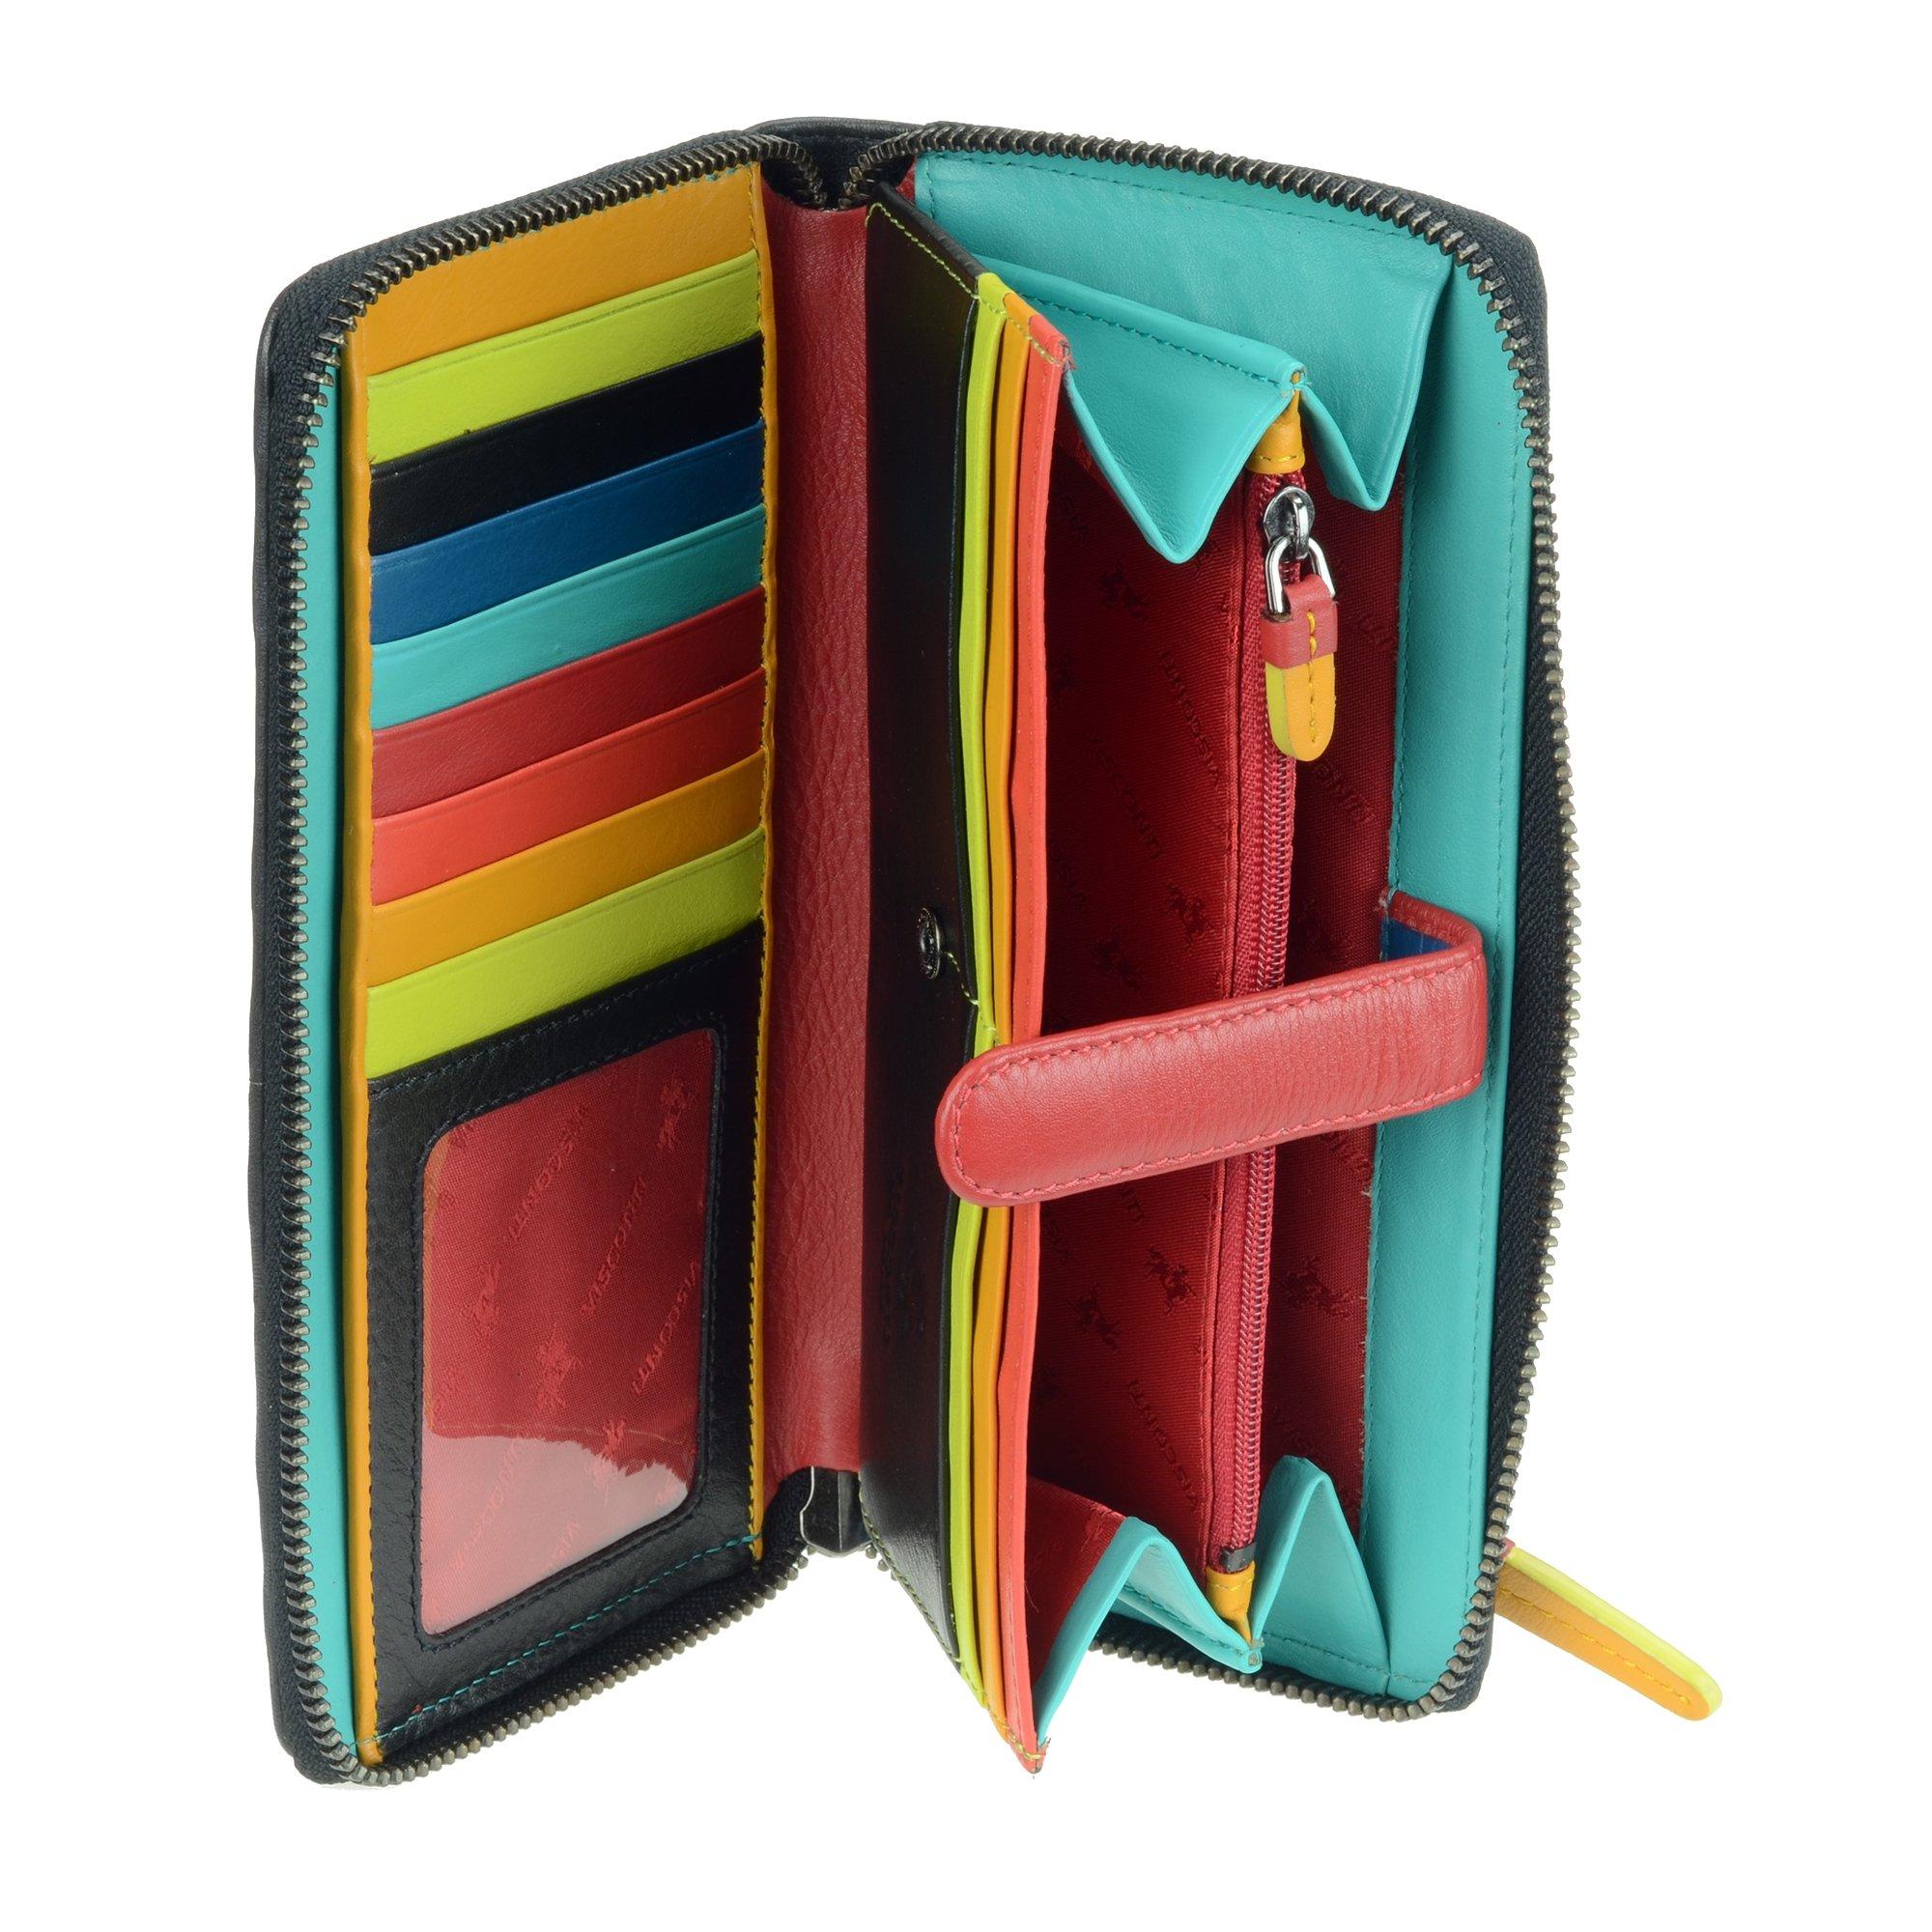 Visconti STR5 Women's Secure RFID Blocking Large Leather Bifold Zip-Around Clutch Wallet Purse